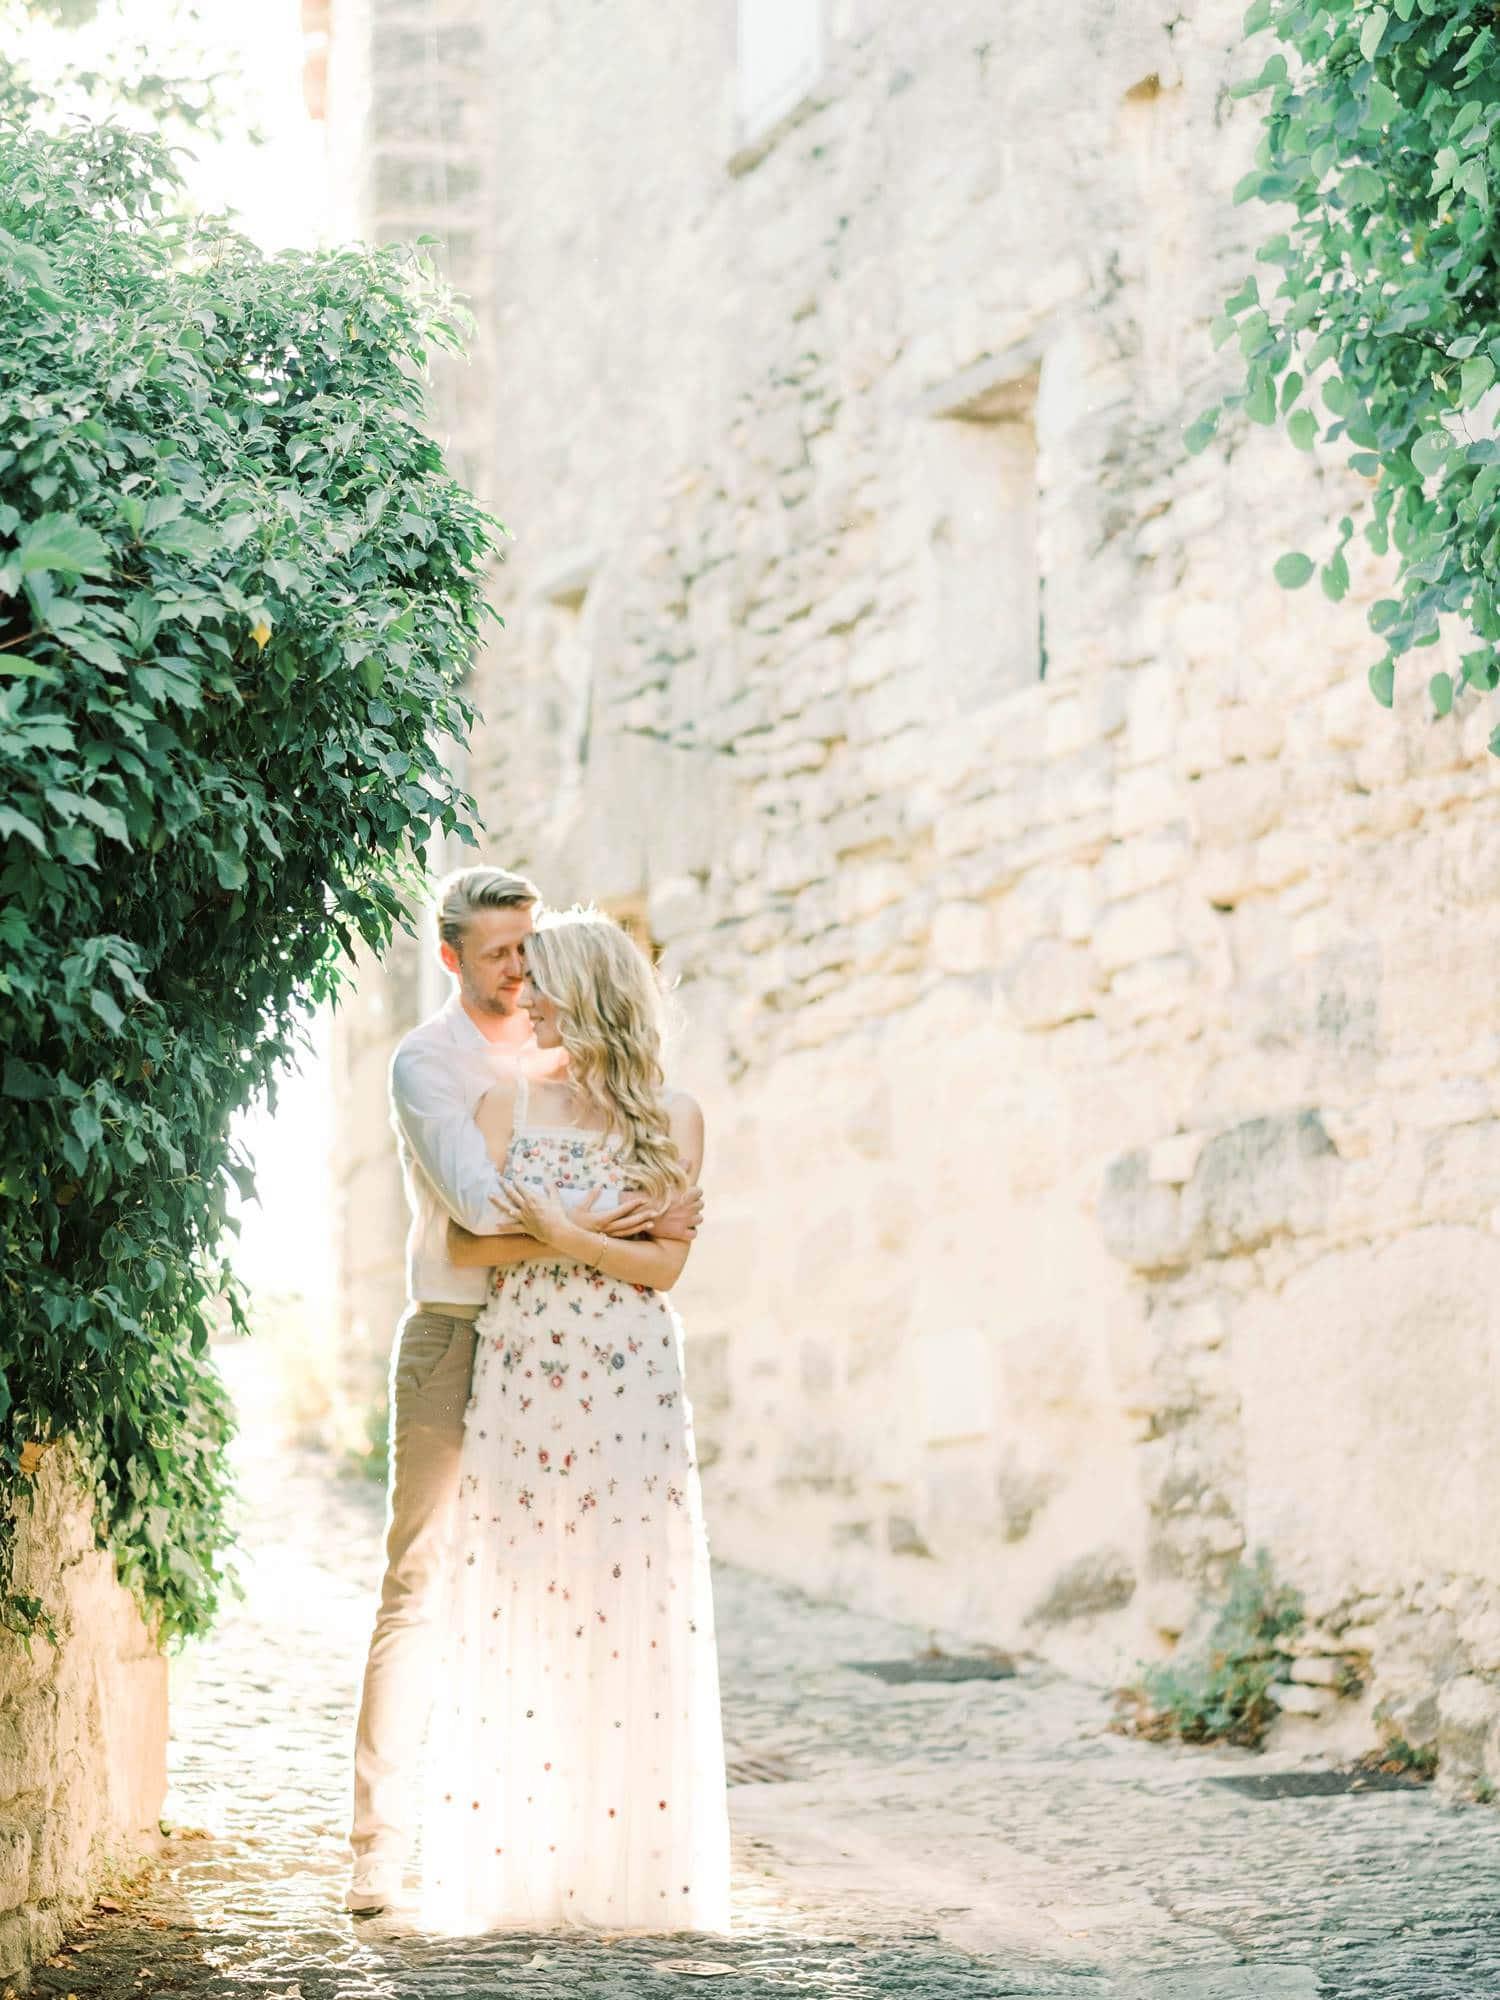 Provence portrait session